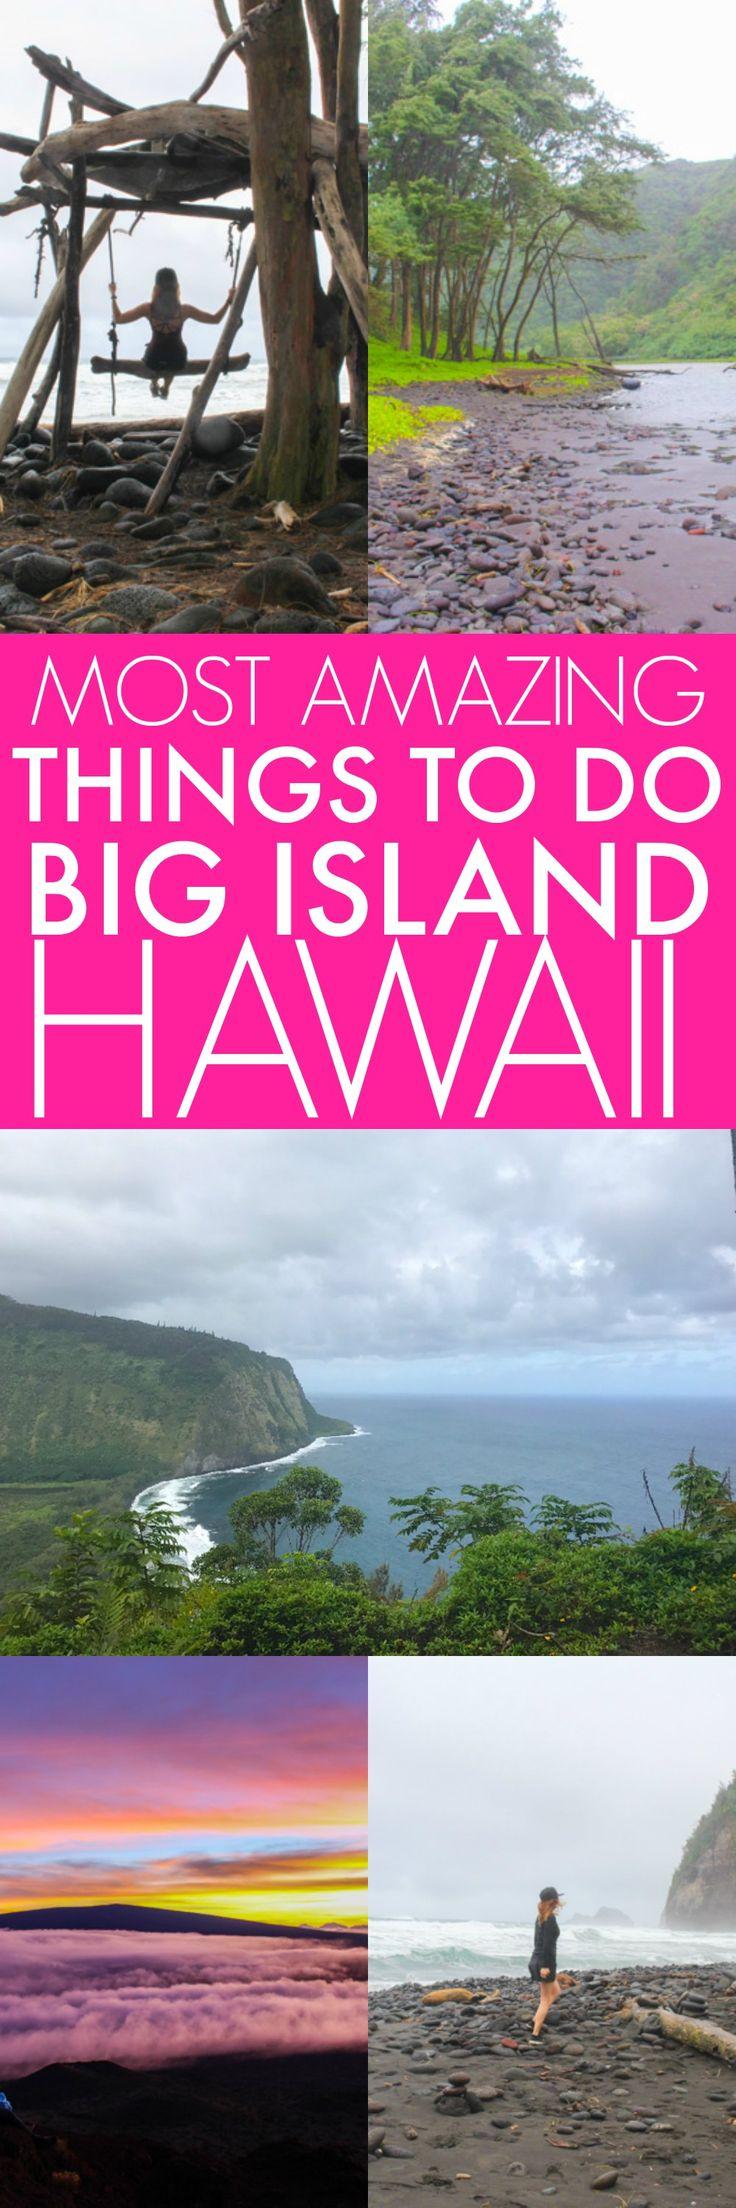 Sie MÜSSEN diese Orte auf Hawaiis Big Island sehen – Die schönsten Attraktionen auf Hawaii Island platingsandpairings.com